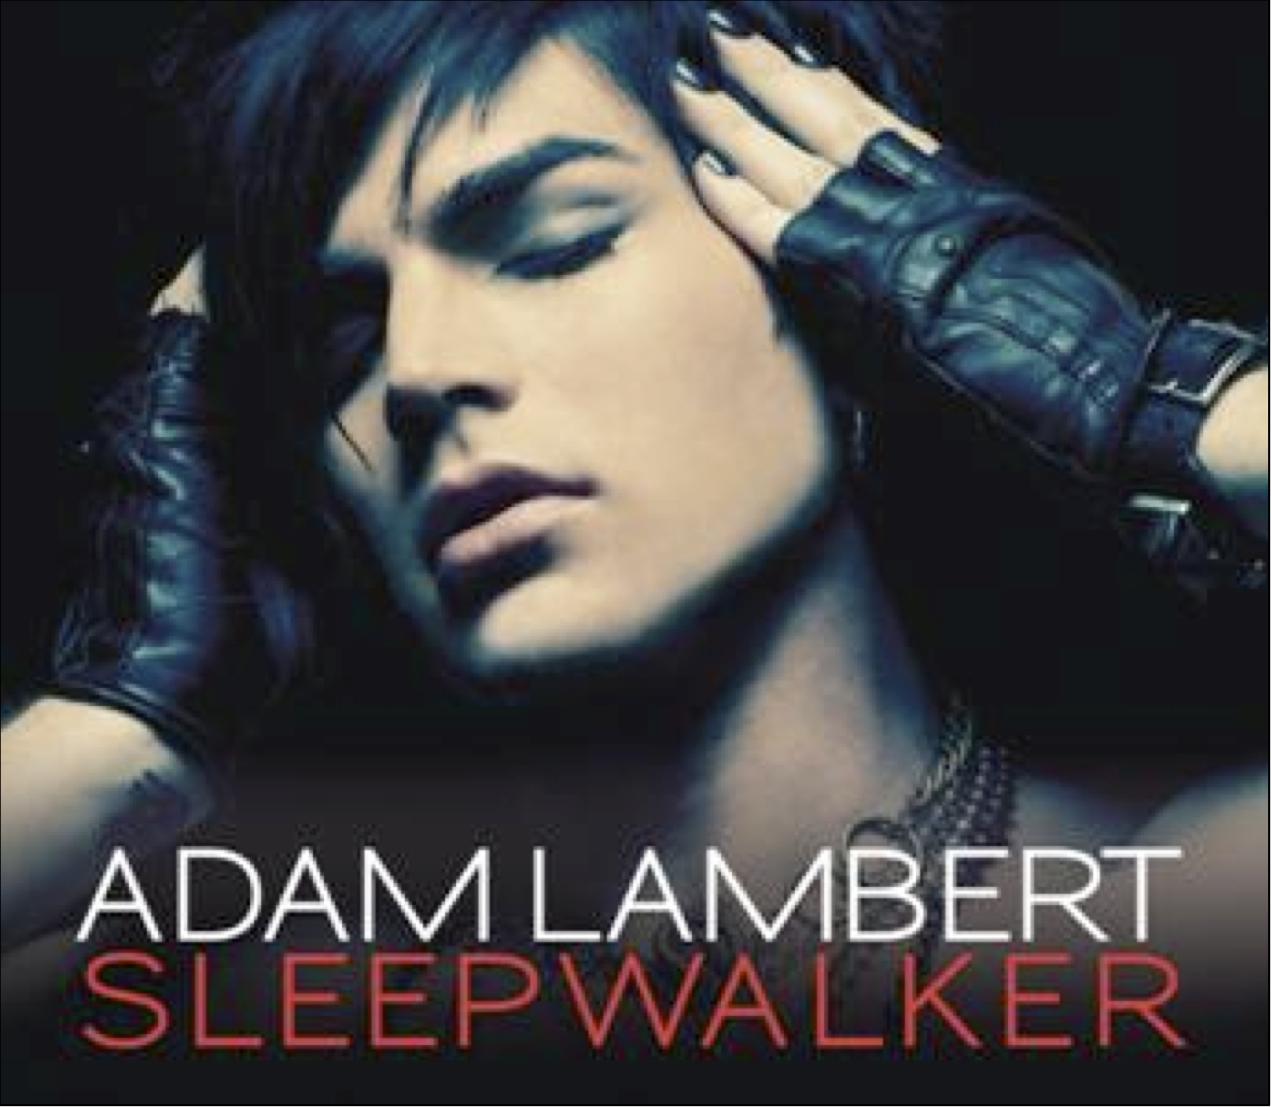 亞當藍伯特 / 夢遊 (進口單曲) Adam Lambert / Sleepwalker